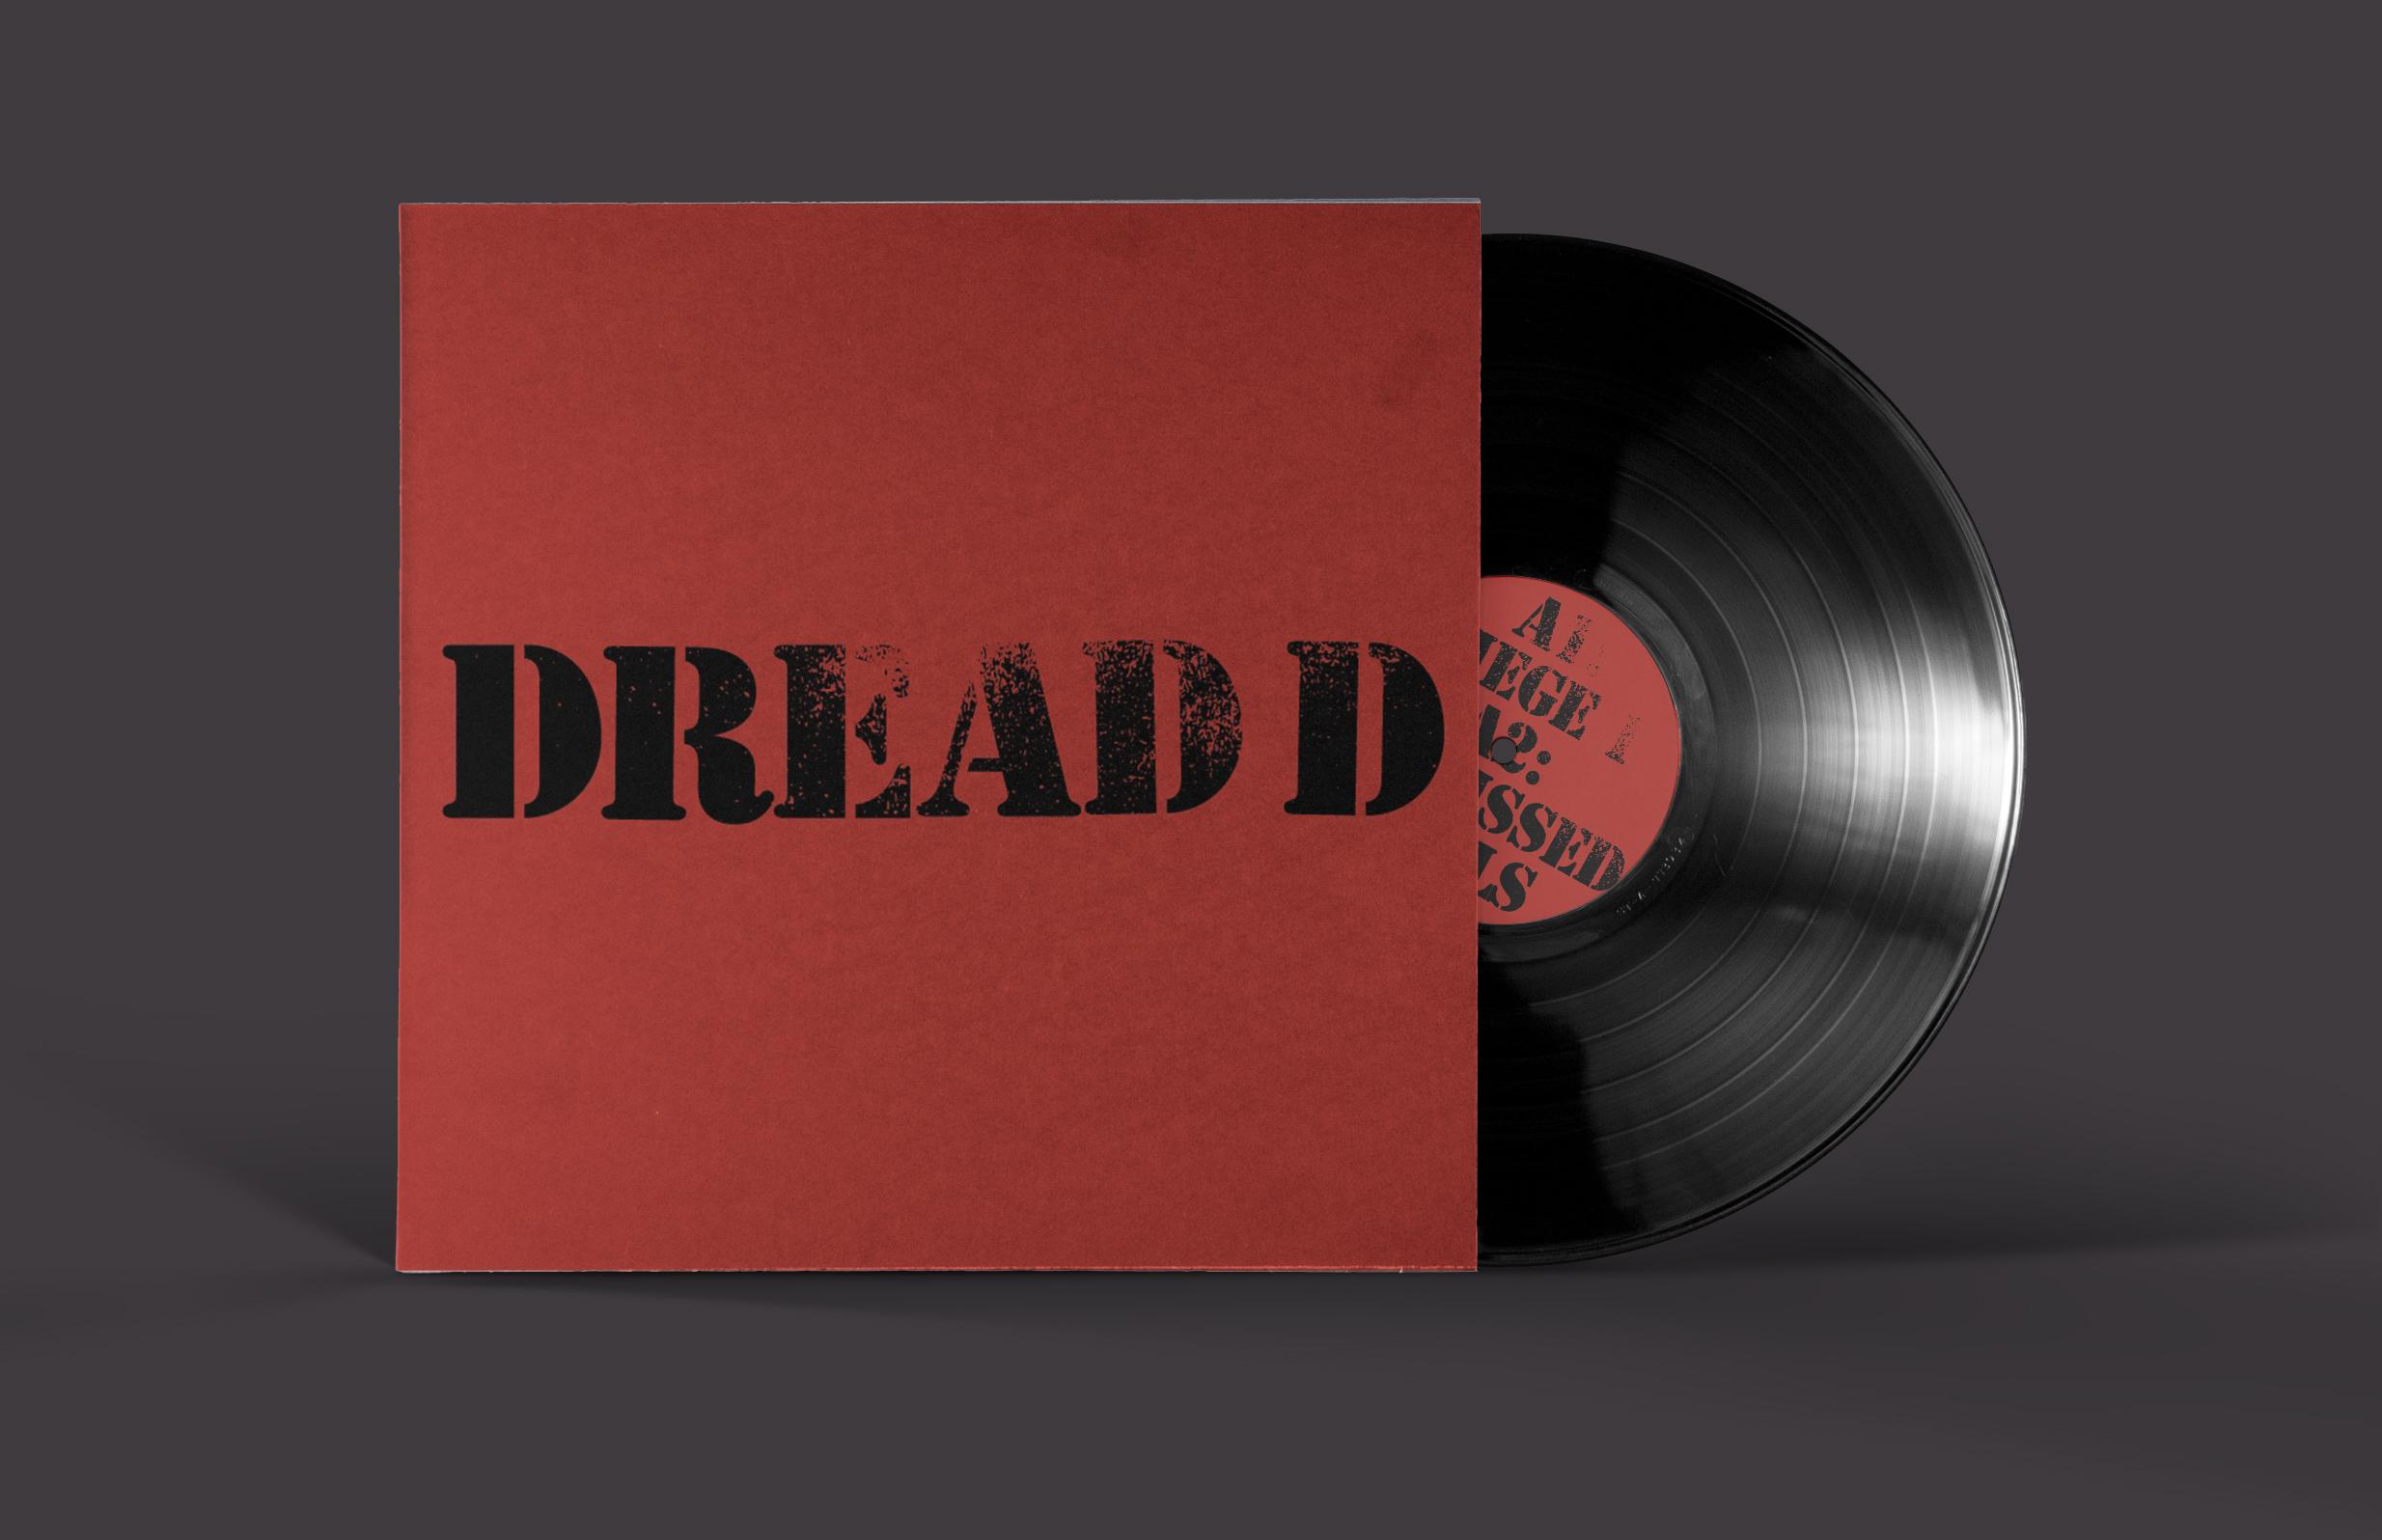 DREAD D A